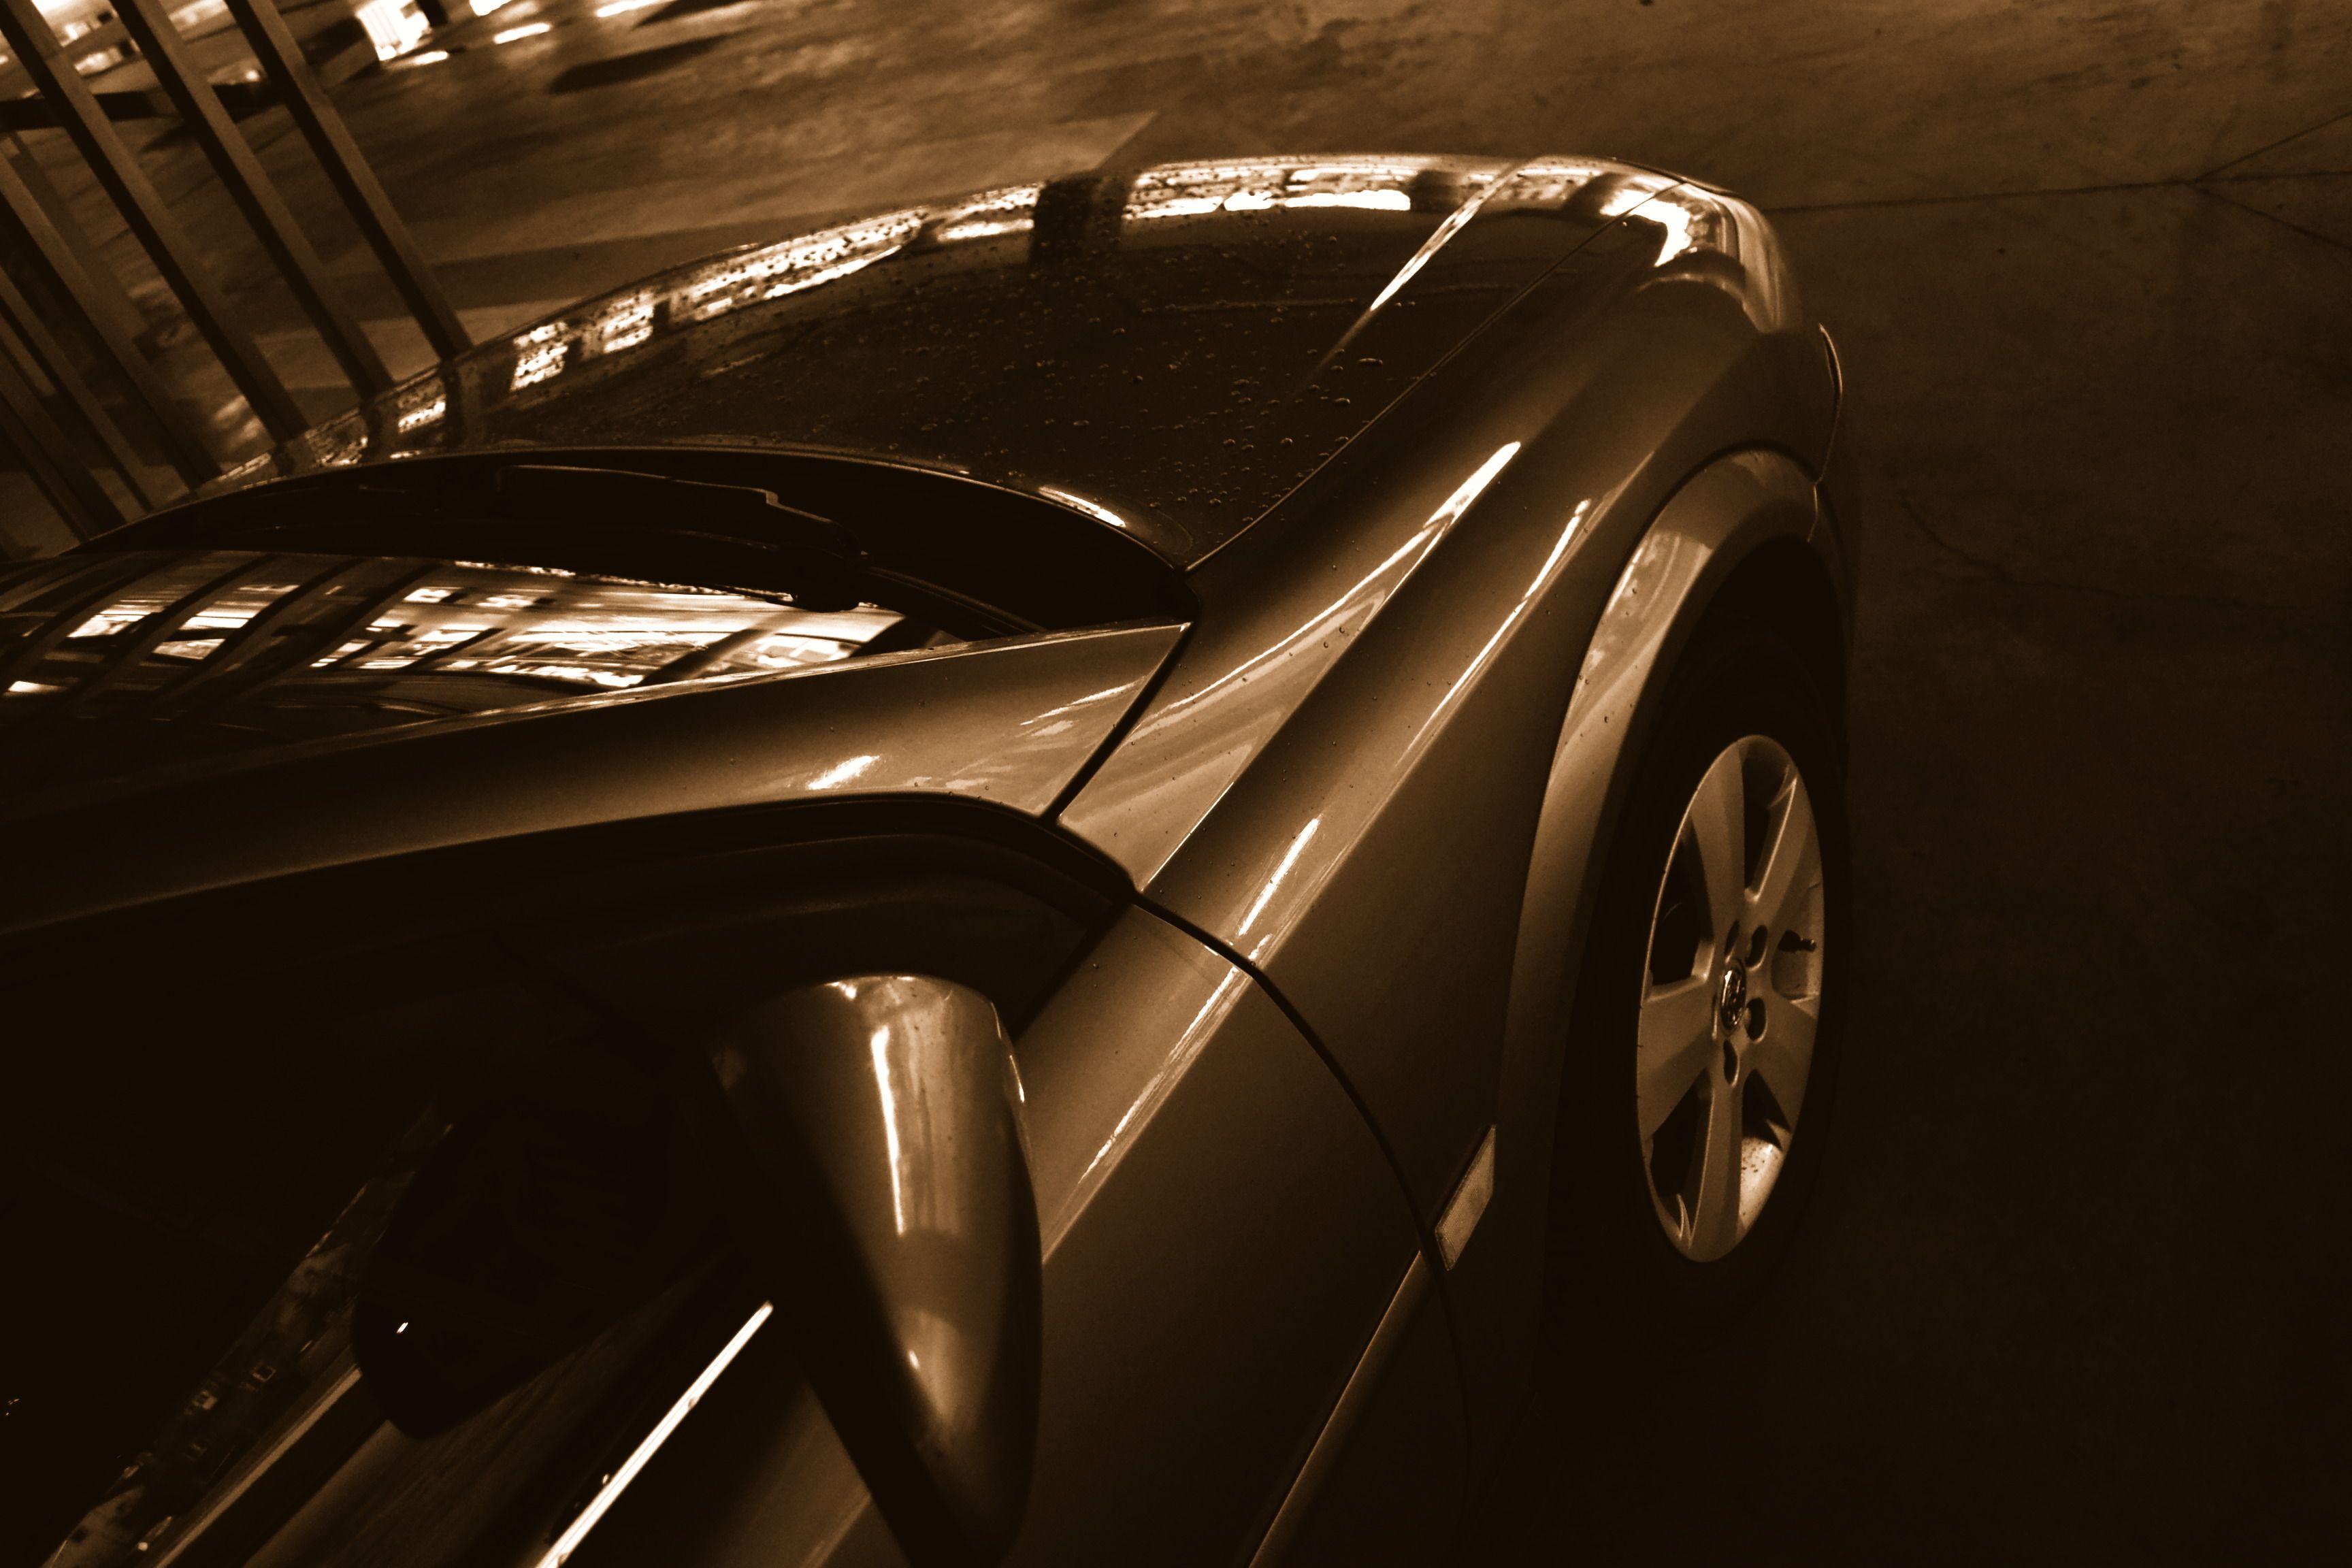 Opel Vectra C In 2020 Car Door Cars Vehicles